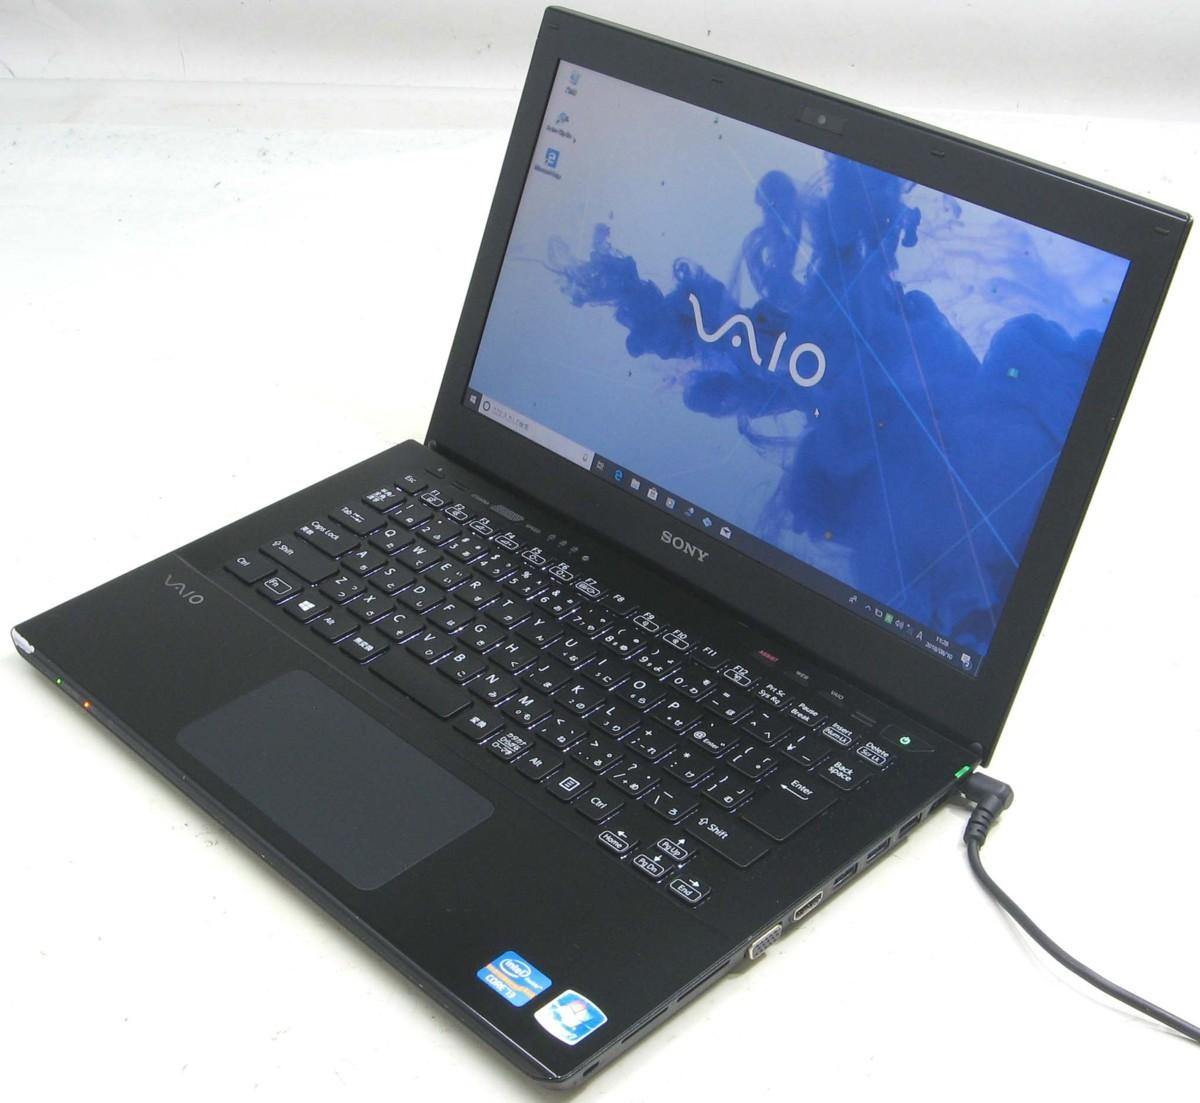 中古ノートパソコン SONY VAIO SVS1313AJD(ソニー Windows10 Corei3 HDMI出力端子 DVDスーパーマルチドライブ)【中古】【中古パソコン/中古PC】